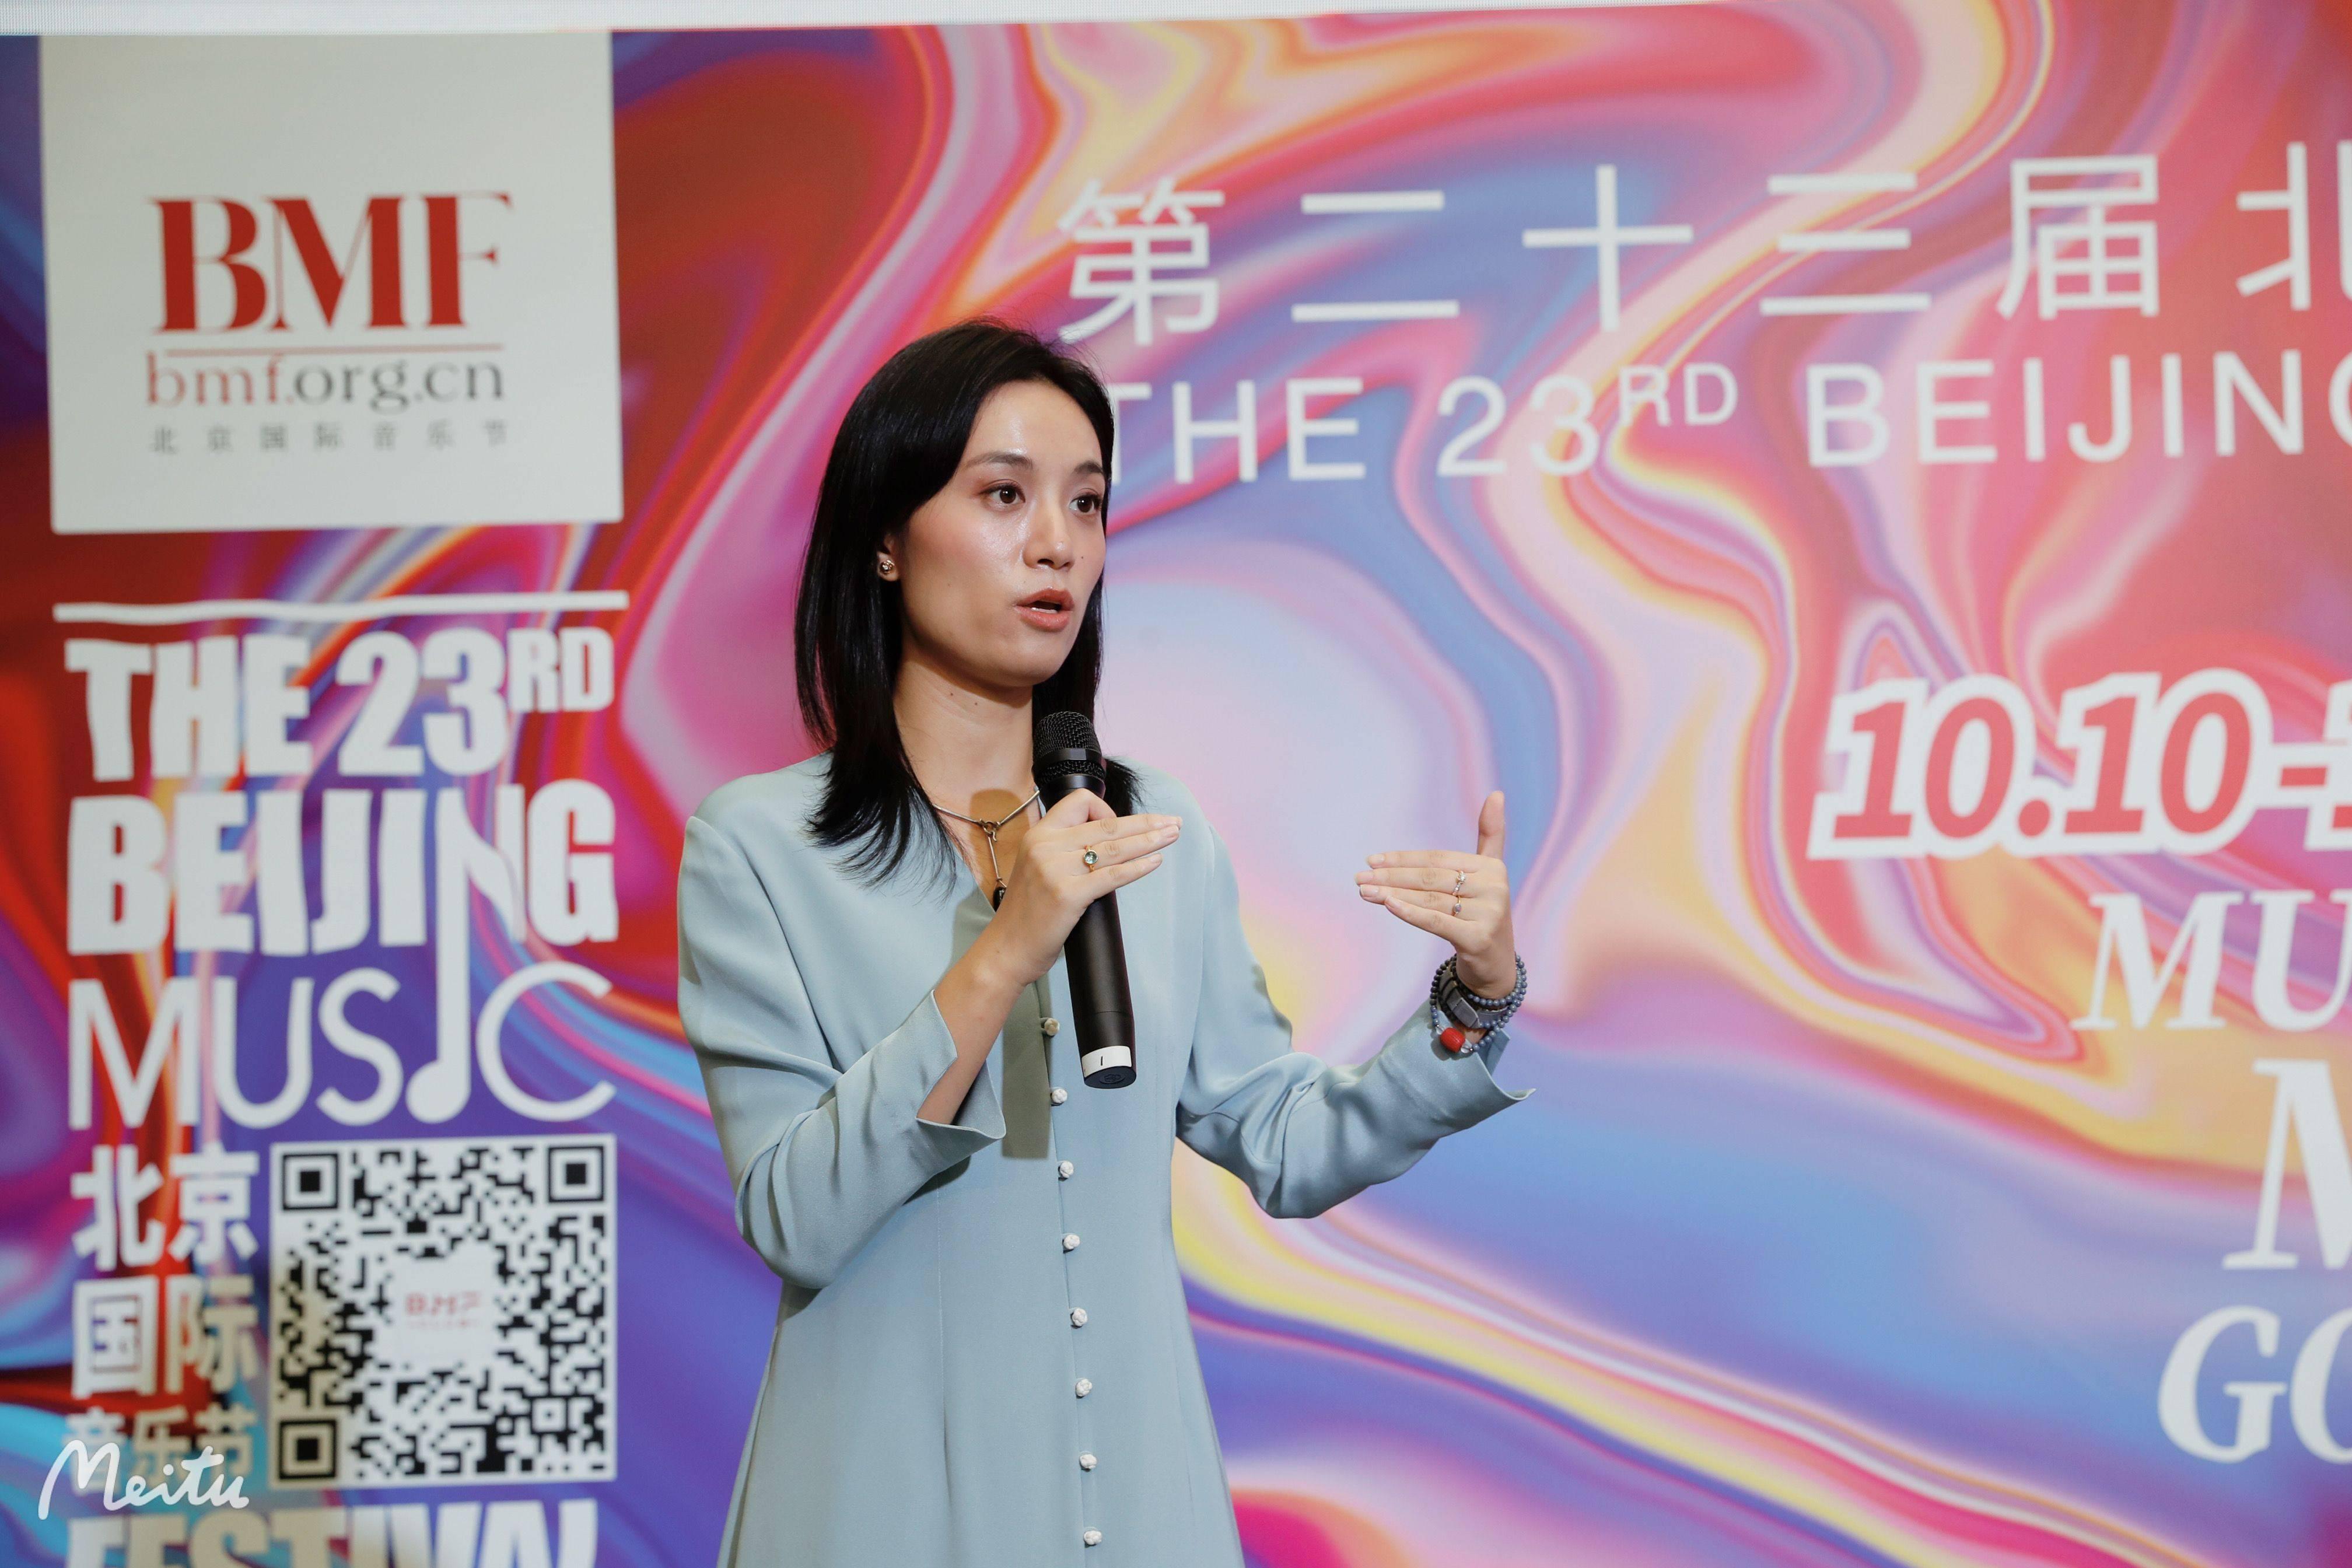 240小时线上节目+20场演出,今年北京国际音乐节怎么看?